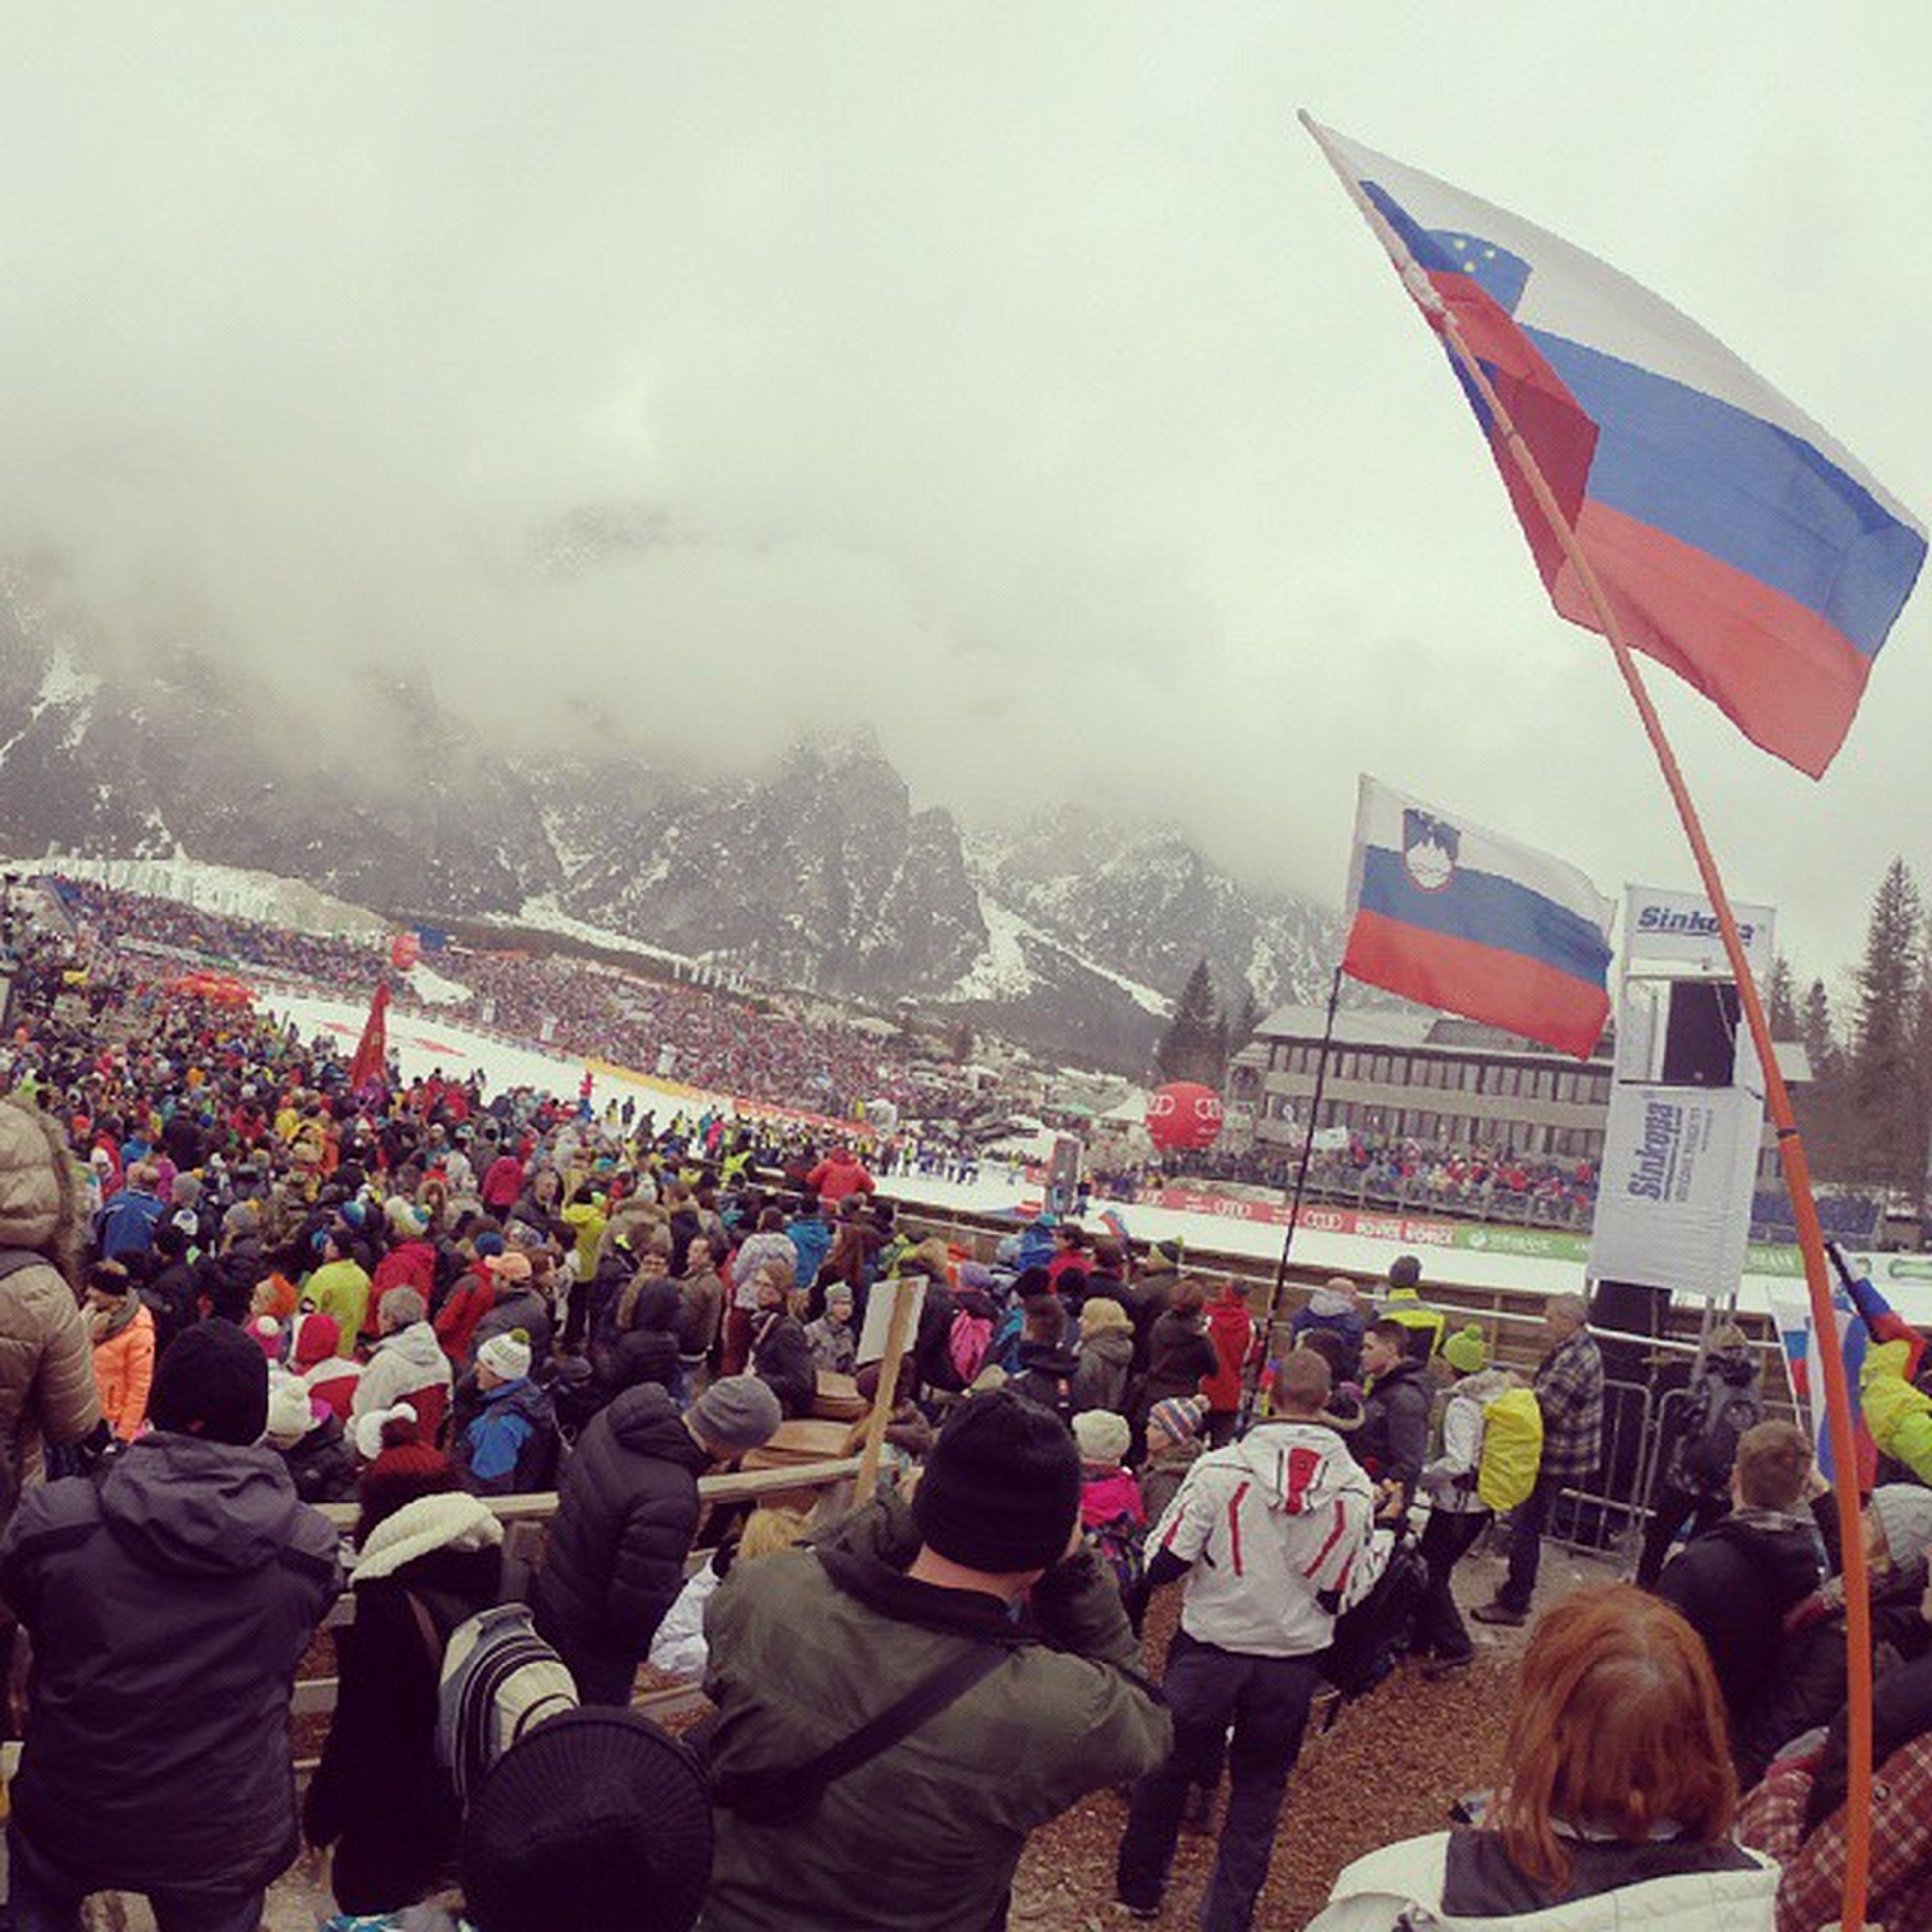 Nevrjetn zakljucek planice! Planica Slovenia Prevc Tepes orli best skijumping gopro